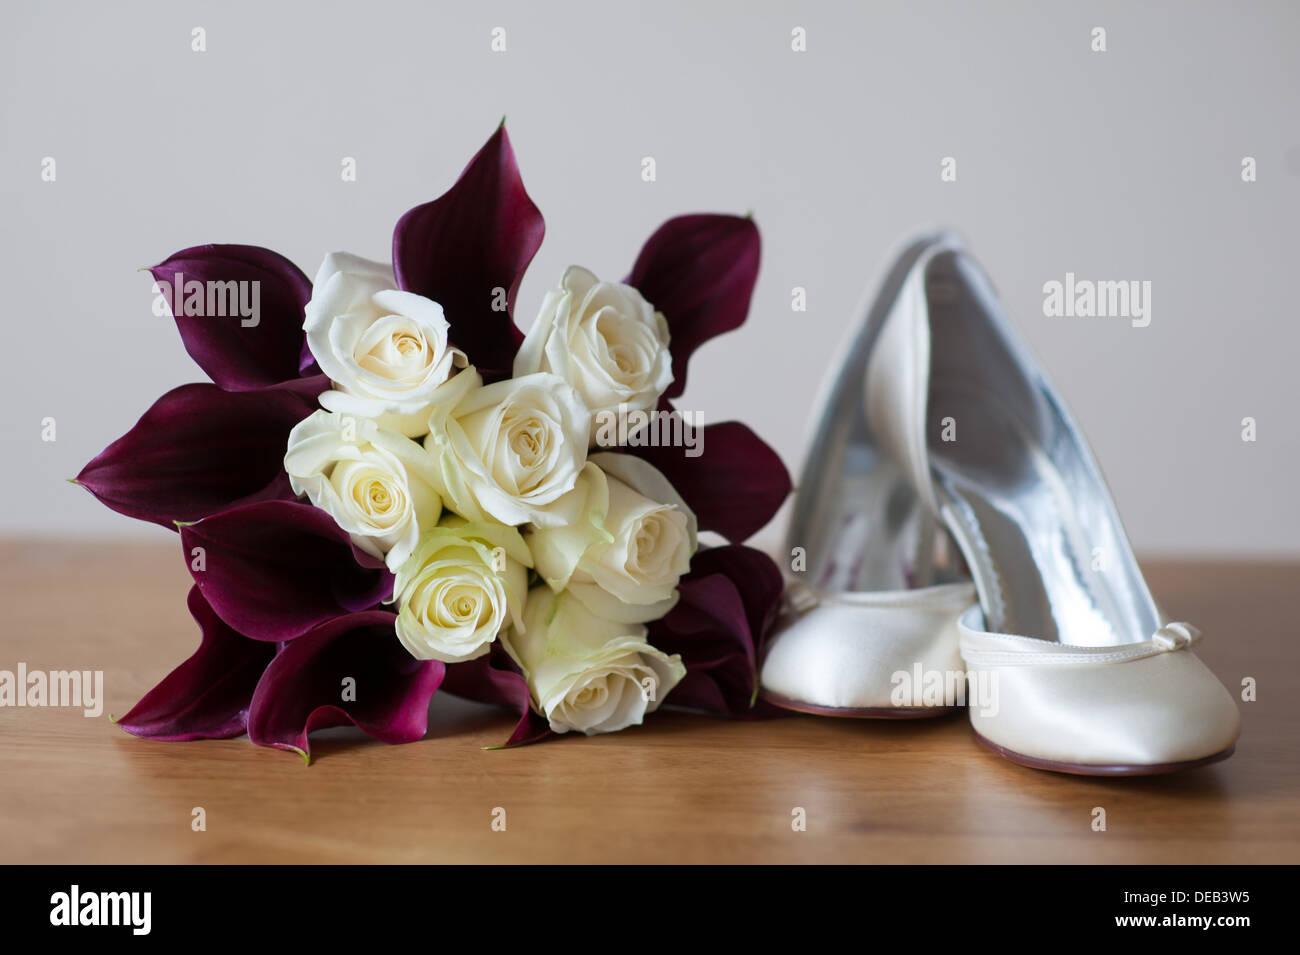 Brautstrauss Und Schuhe Der Braut Mit Calla Lilien Und Rosen